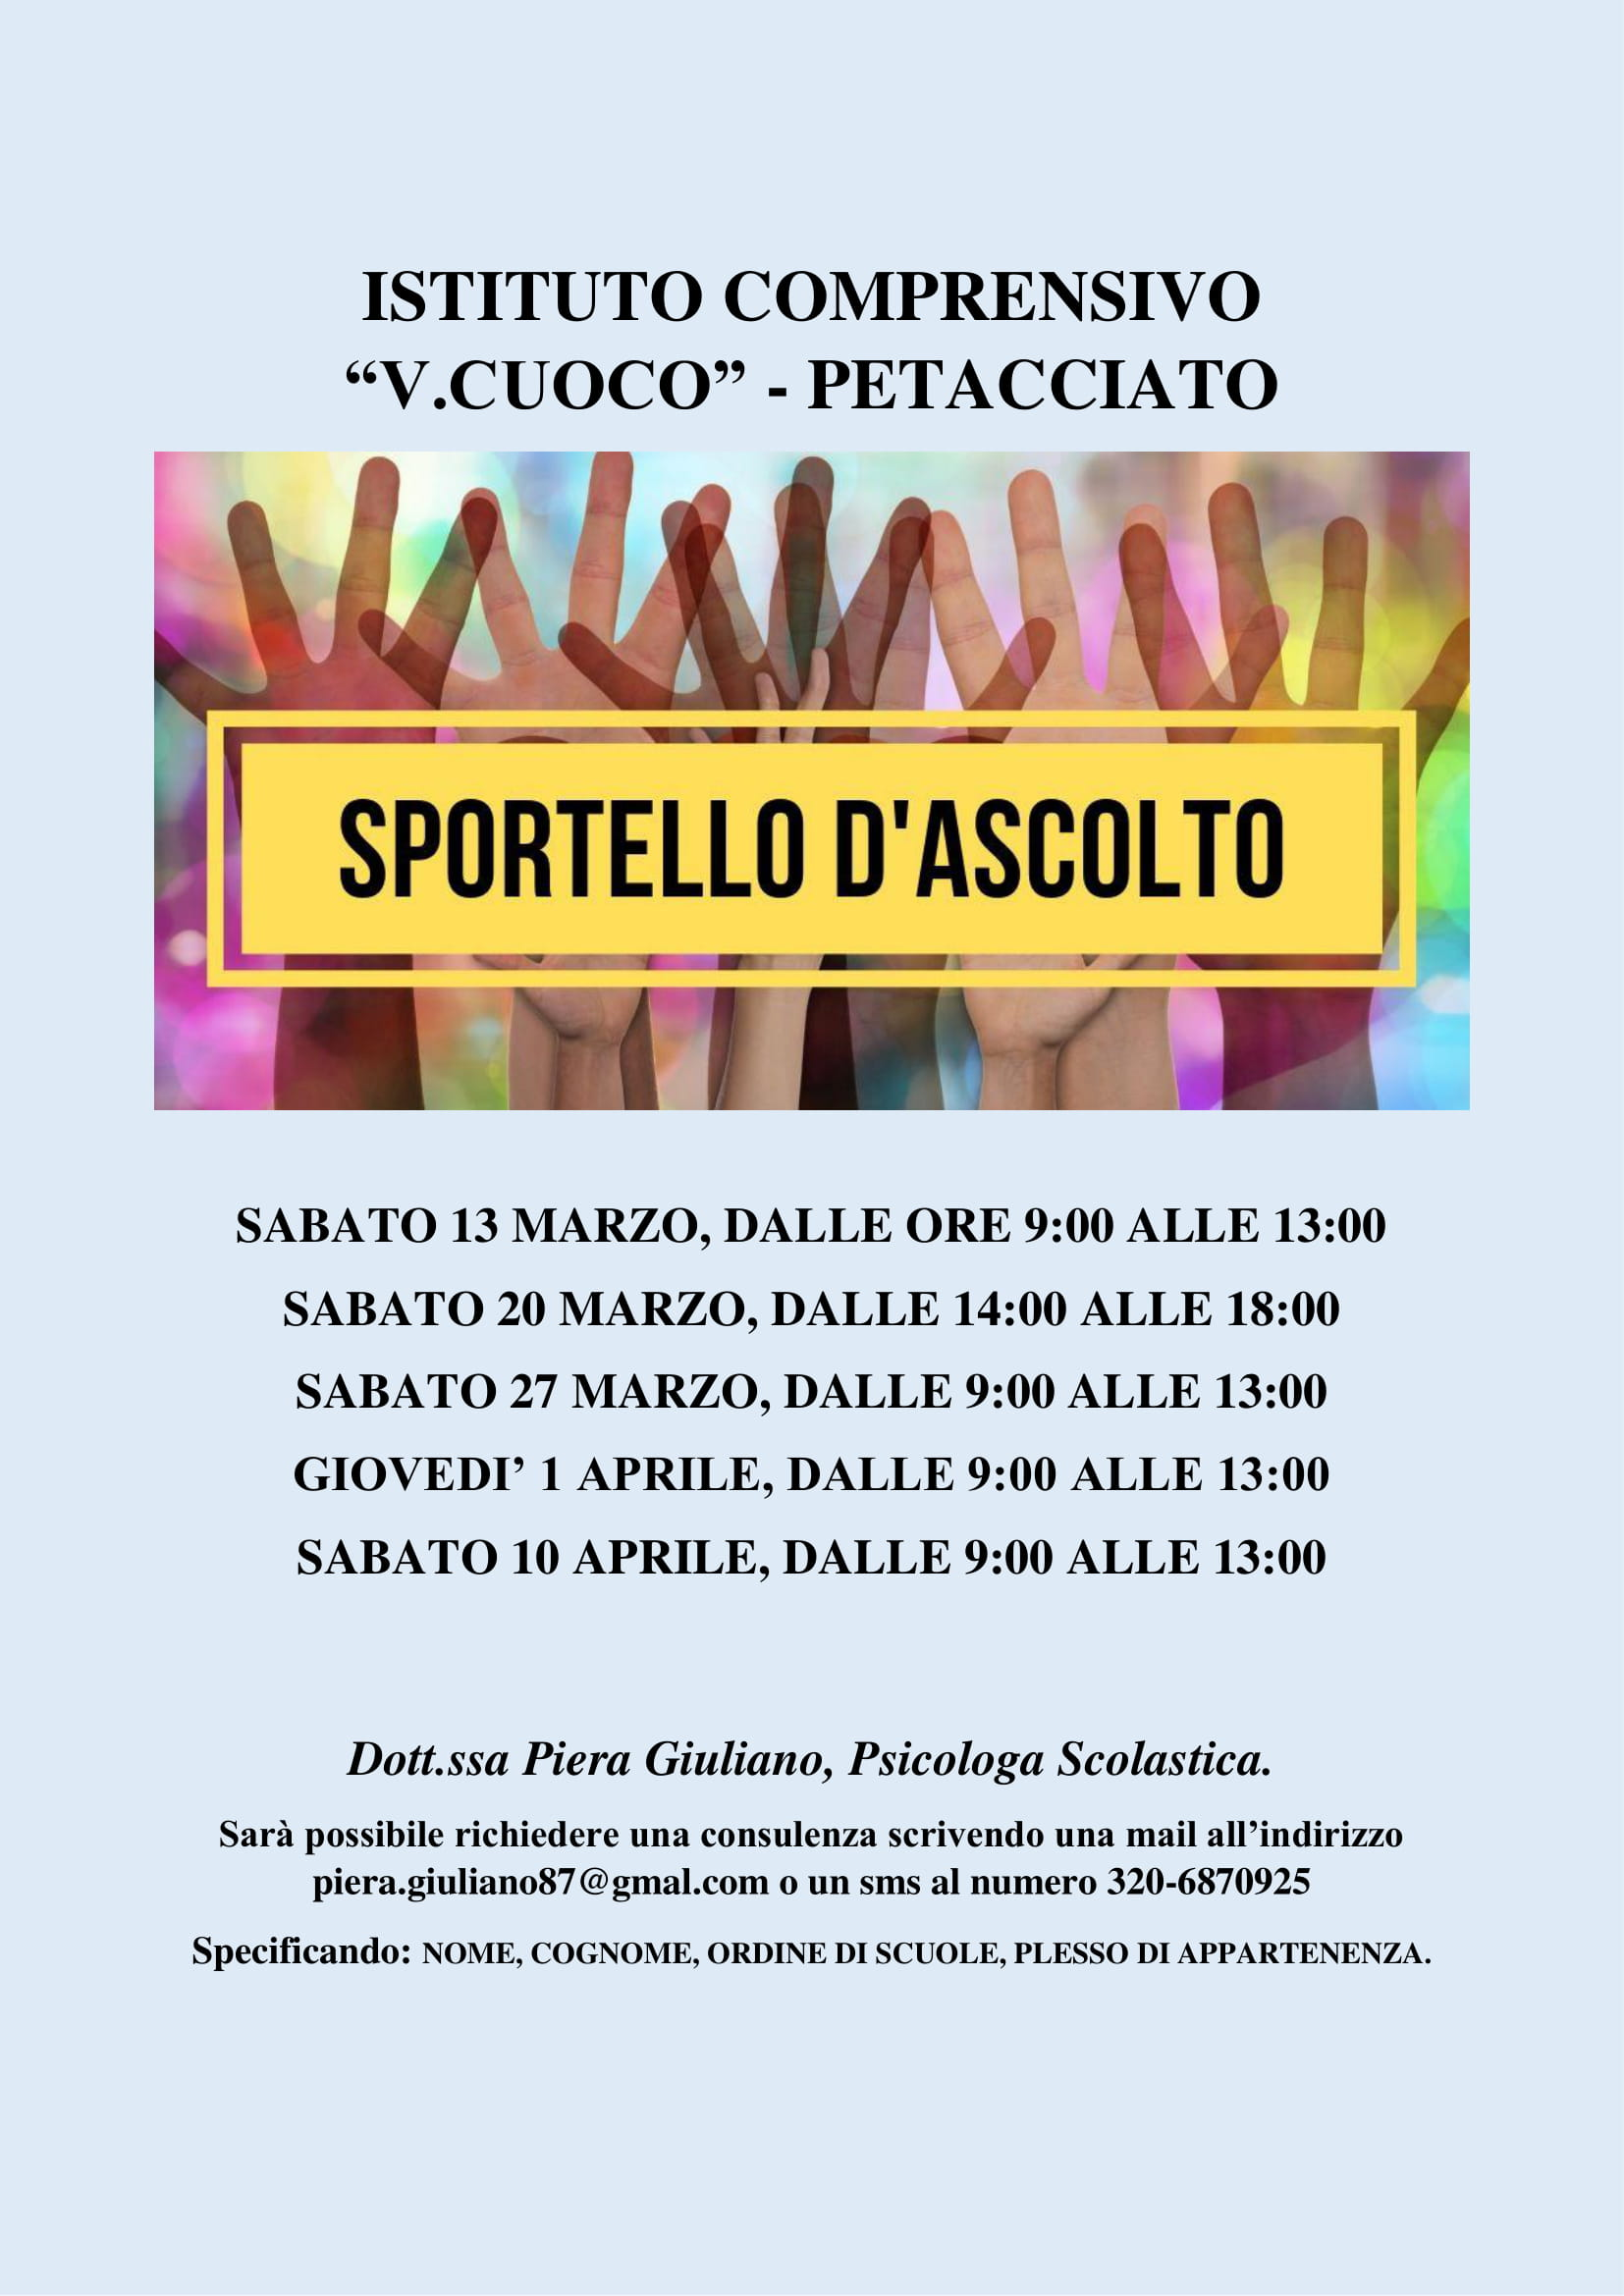 1615196308_Locandina-SPORTELLO_D_ASCOLTO-1